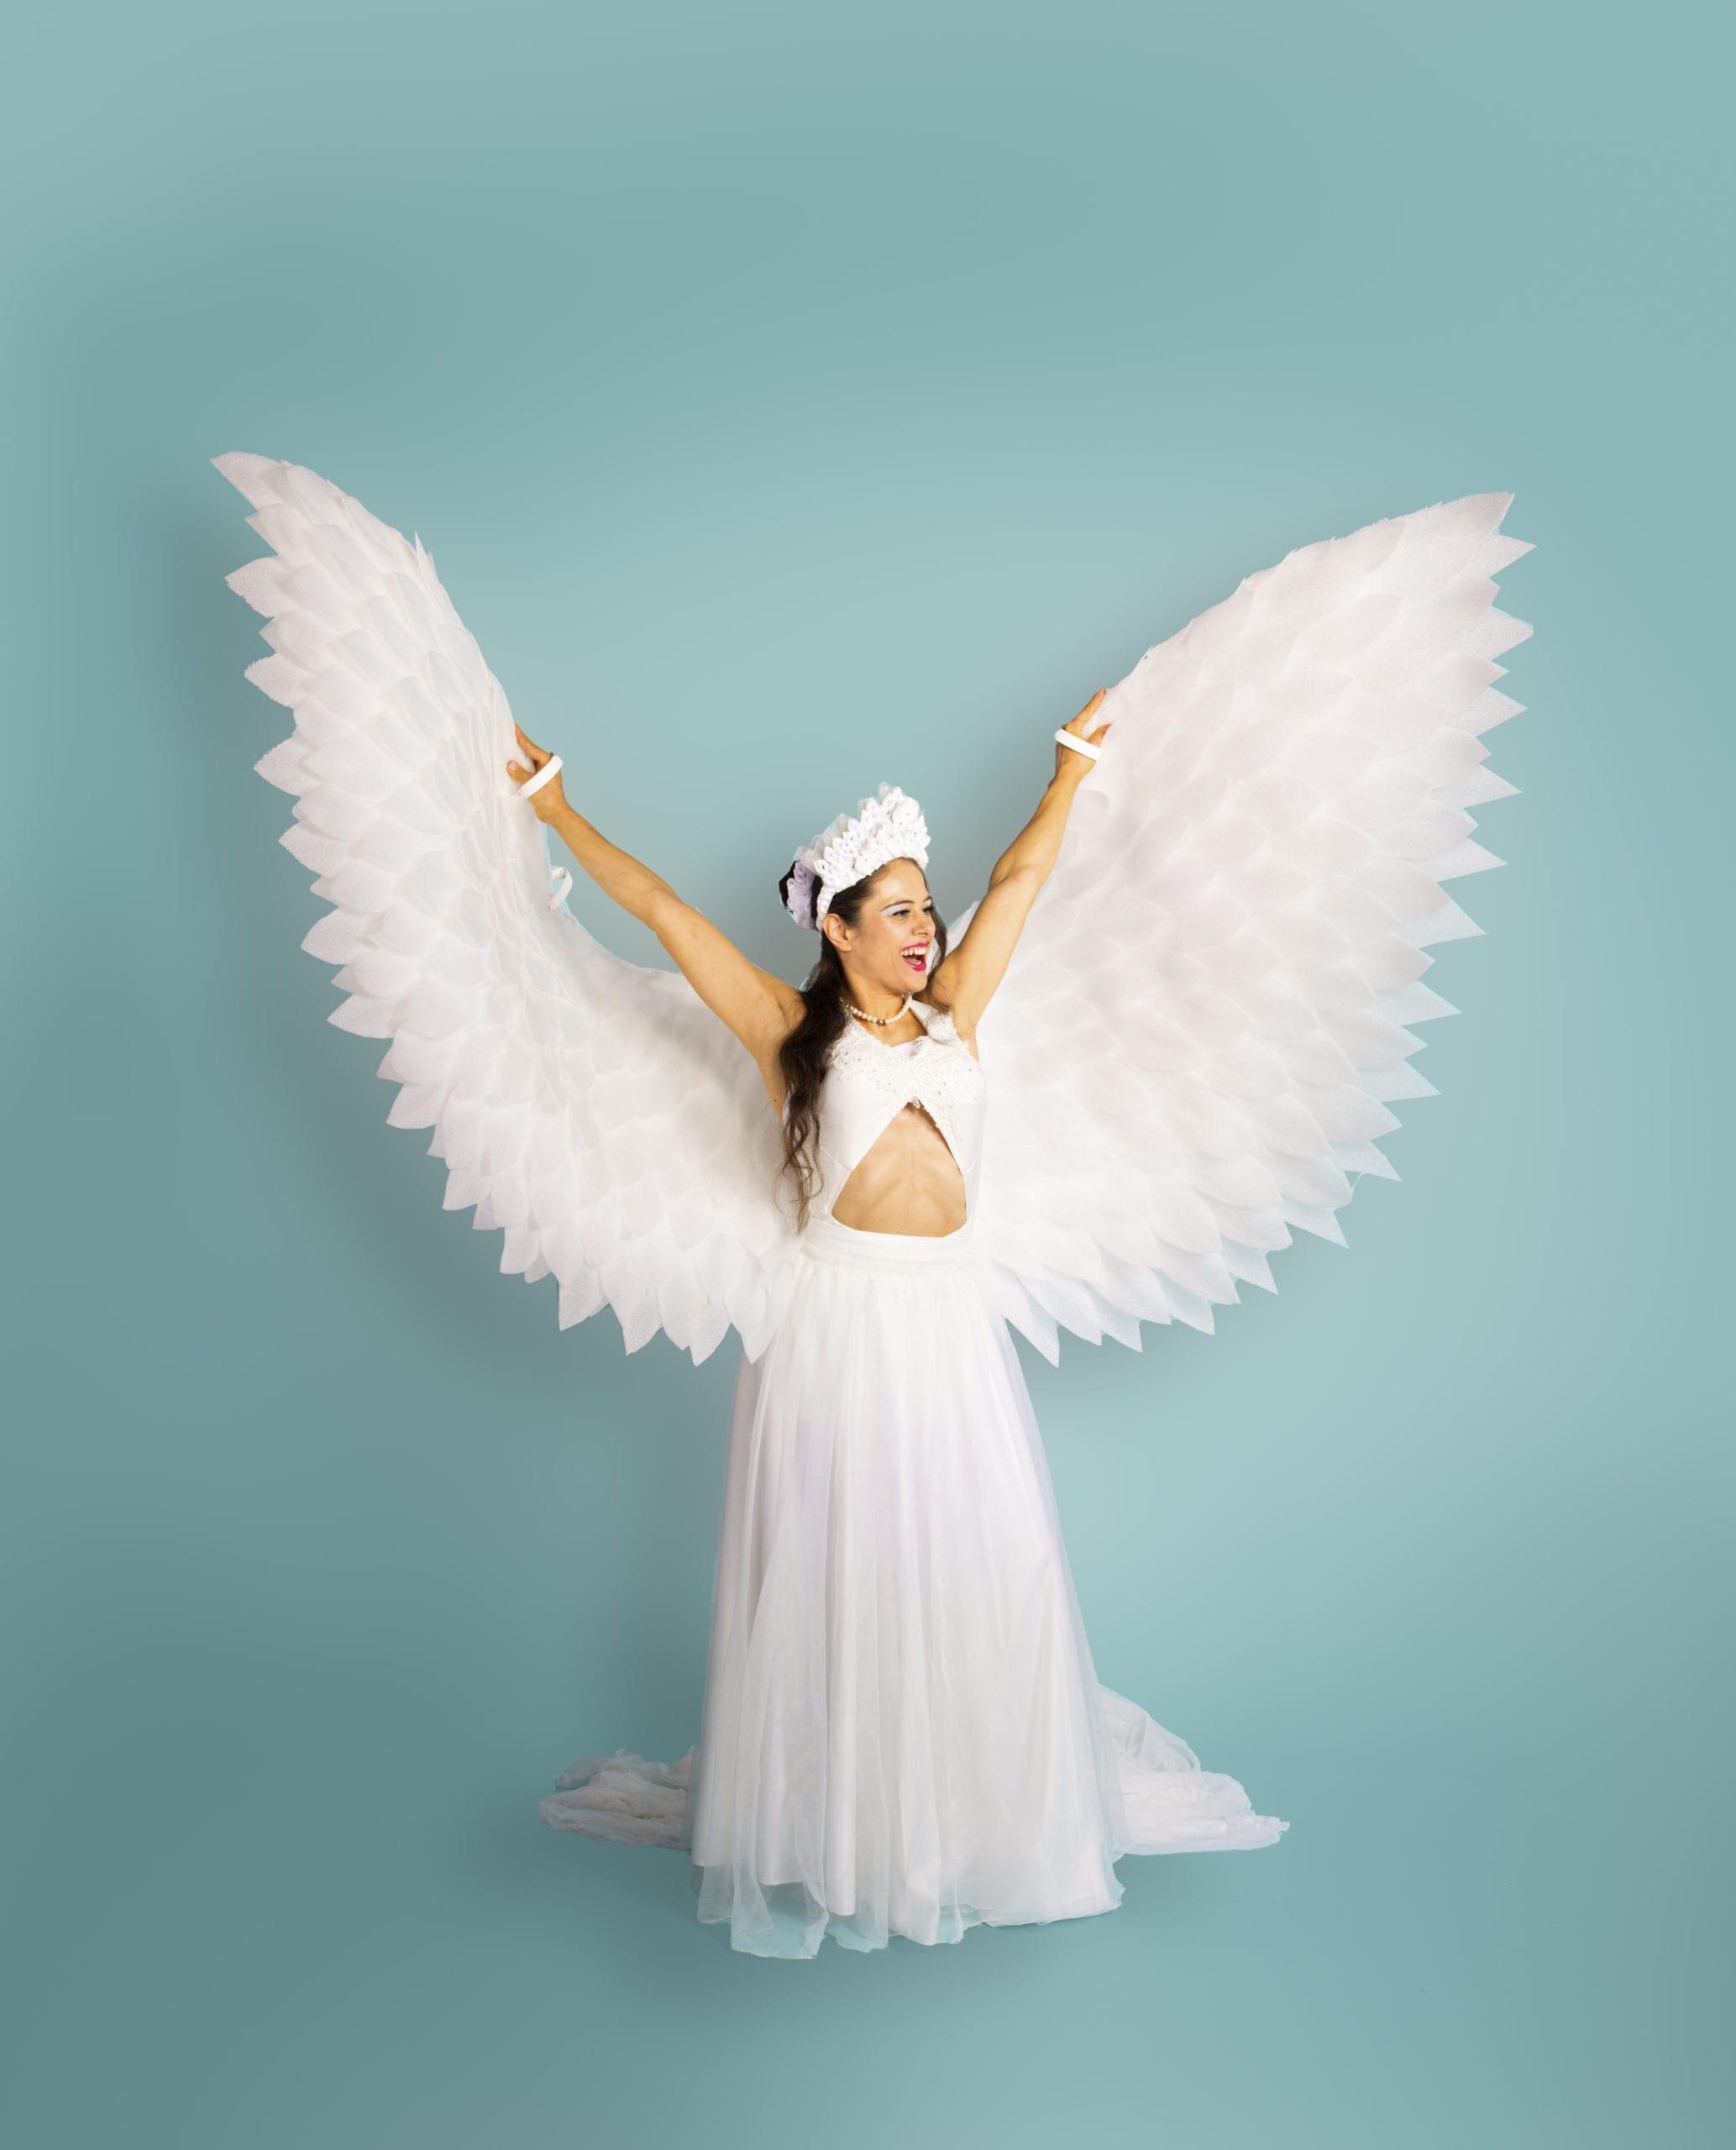 Engel Show, Weihnachtsengel